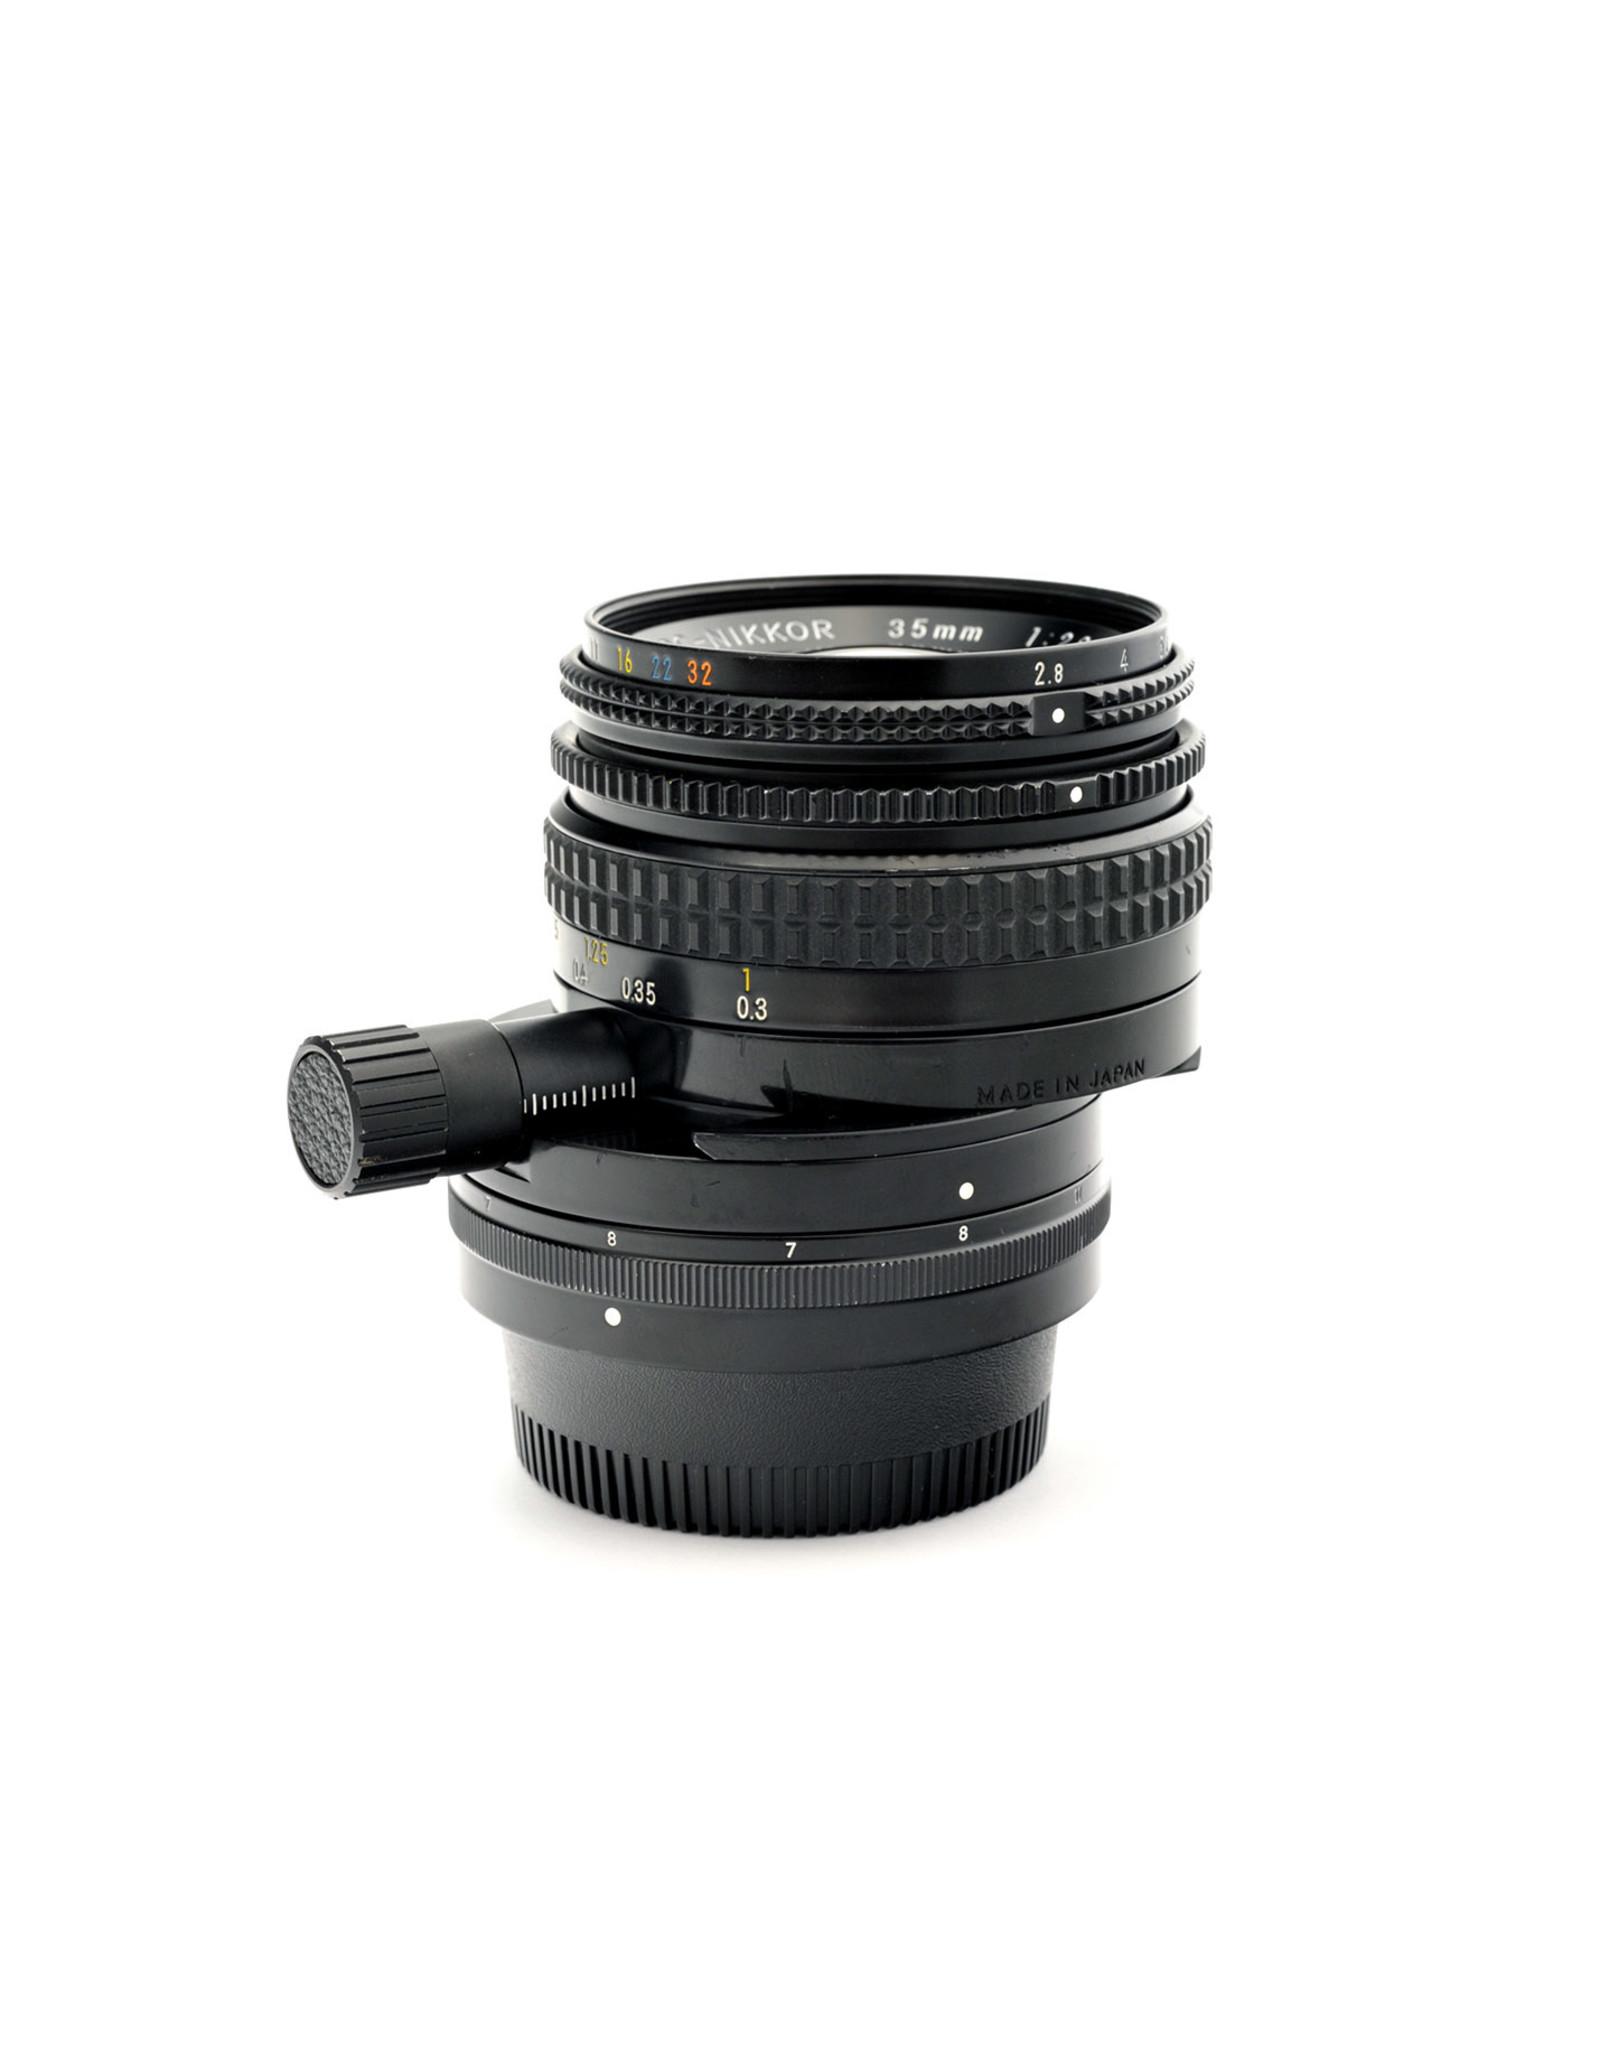 Nikon Nikon 35mm f2.8 PC-Nikkor       ALC1219011